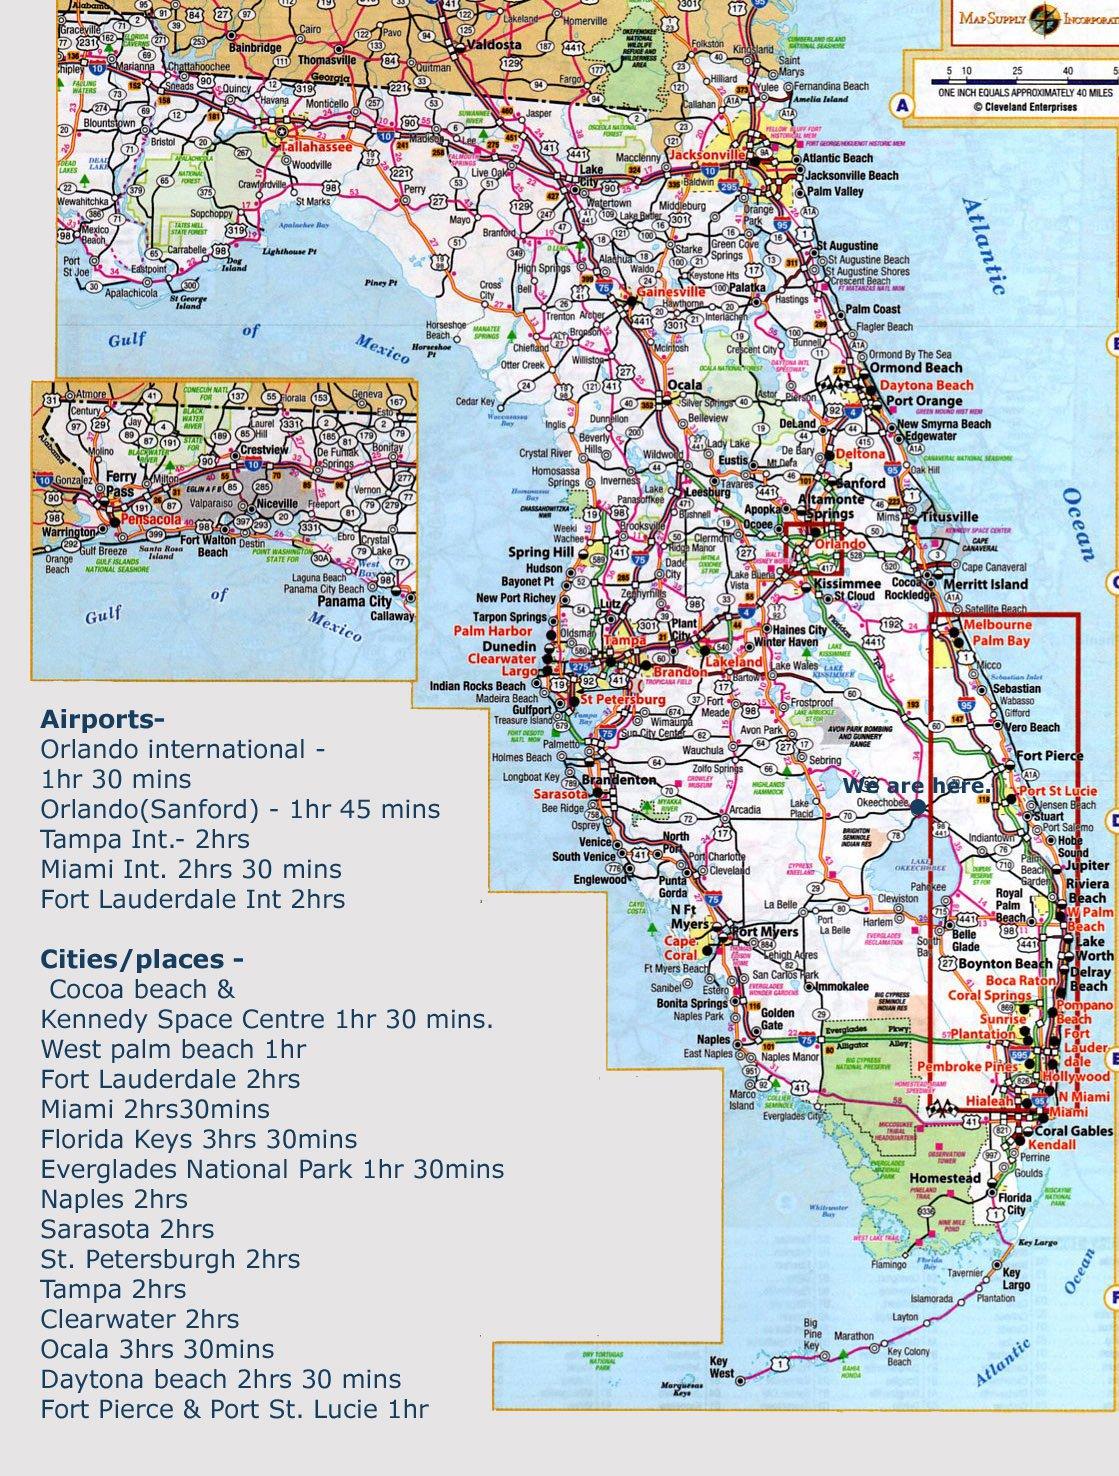 Karty Floridy Ssha Podrobnaya Karta Floridy Na Russkom Yazyke S